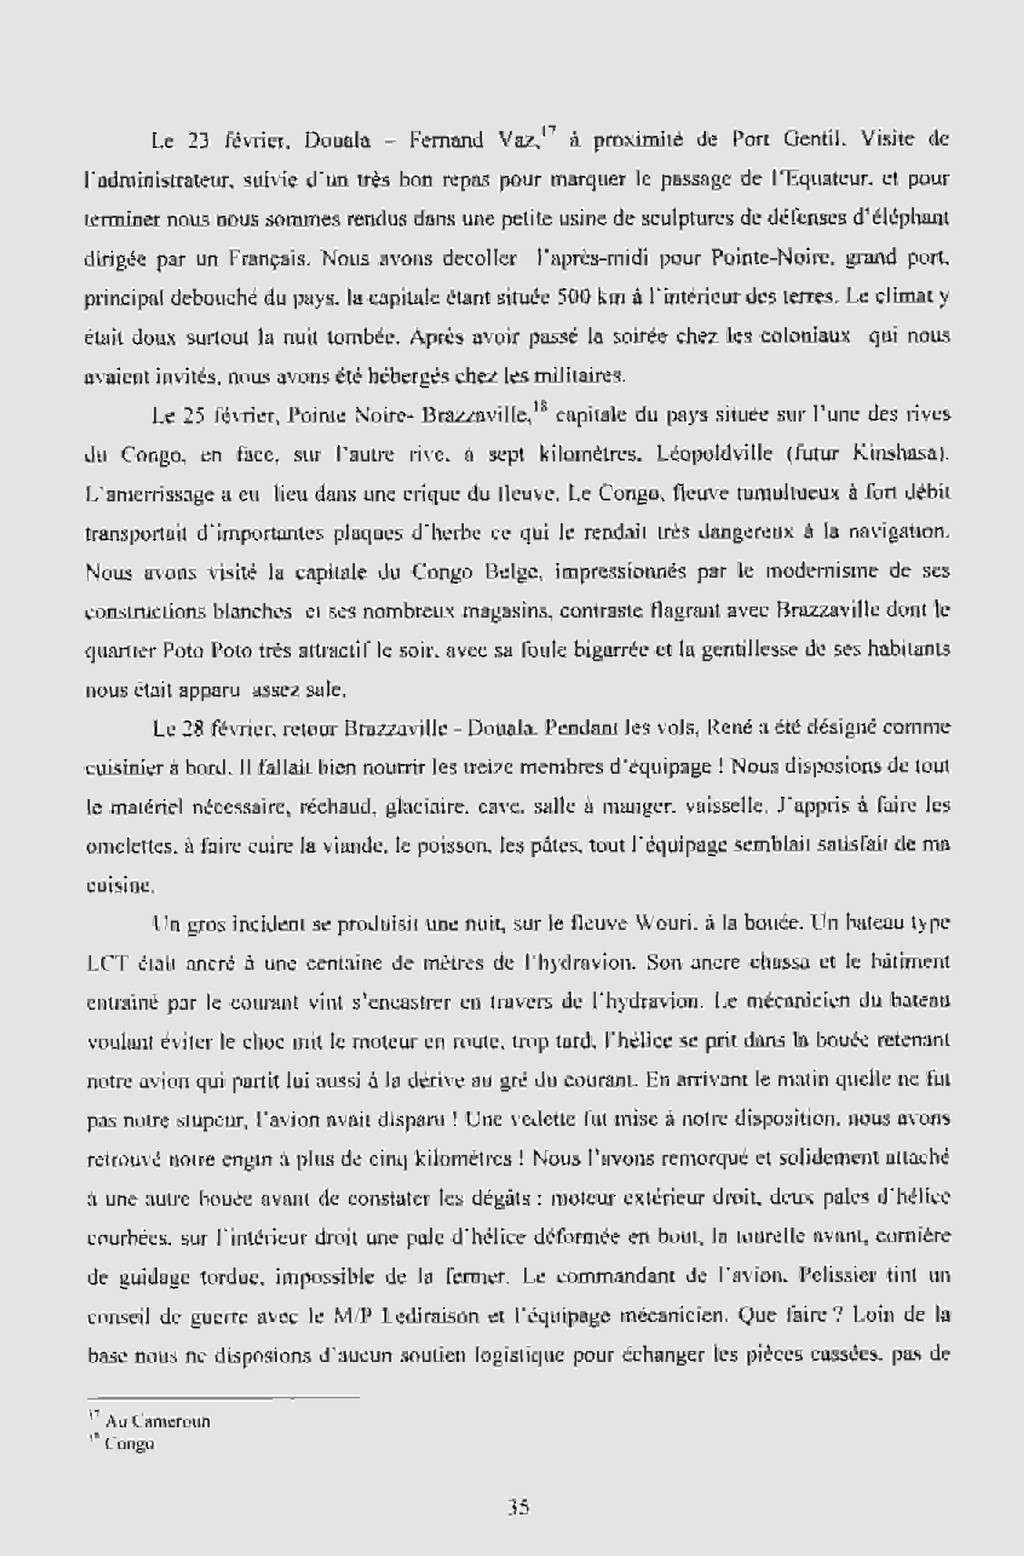 """[Les anciens avions de l'aéro] Hydravion SHORT """"SUNDERLAND"""" Dakar_11"""